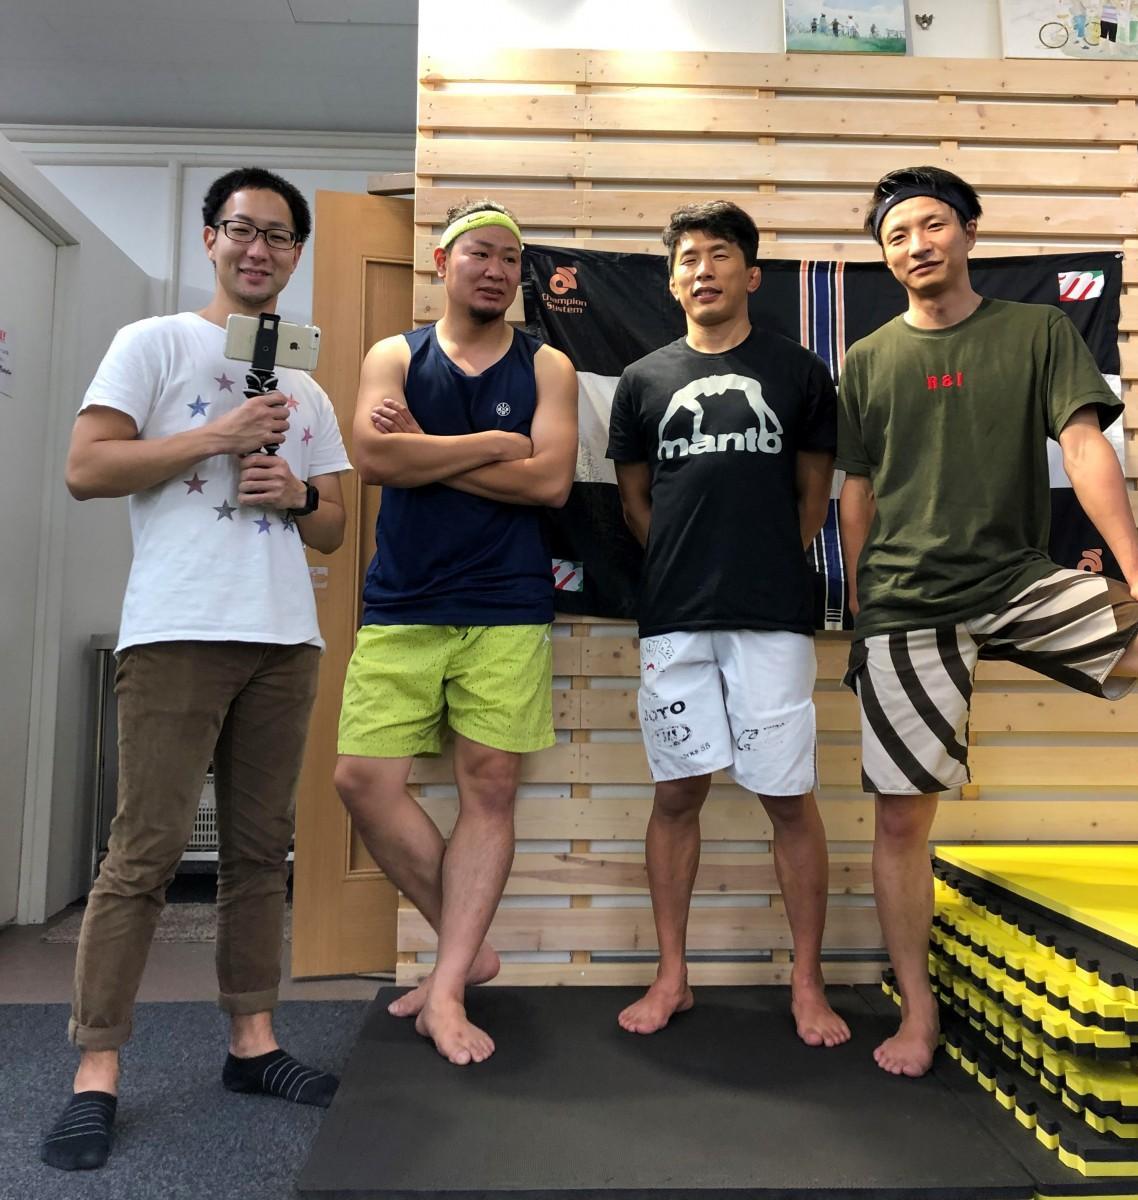 (左から)動画チャンネルの製作・運営メンバー、和平さん、しんぺーさん、水垣さん、ハマーさん(提供=ハヤマクルーズ)